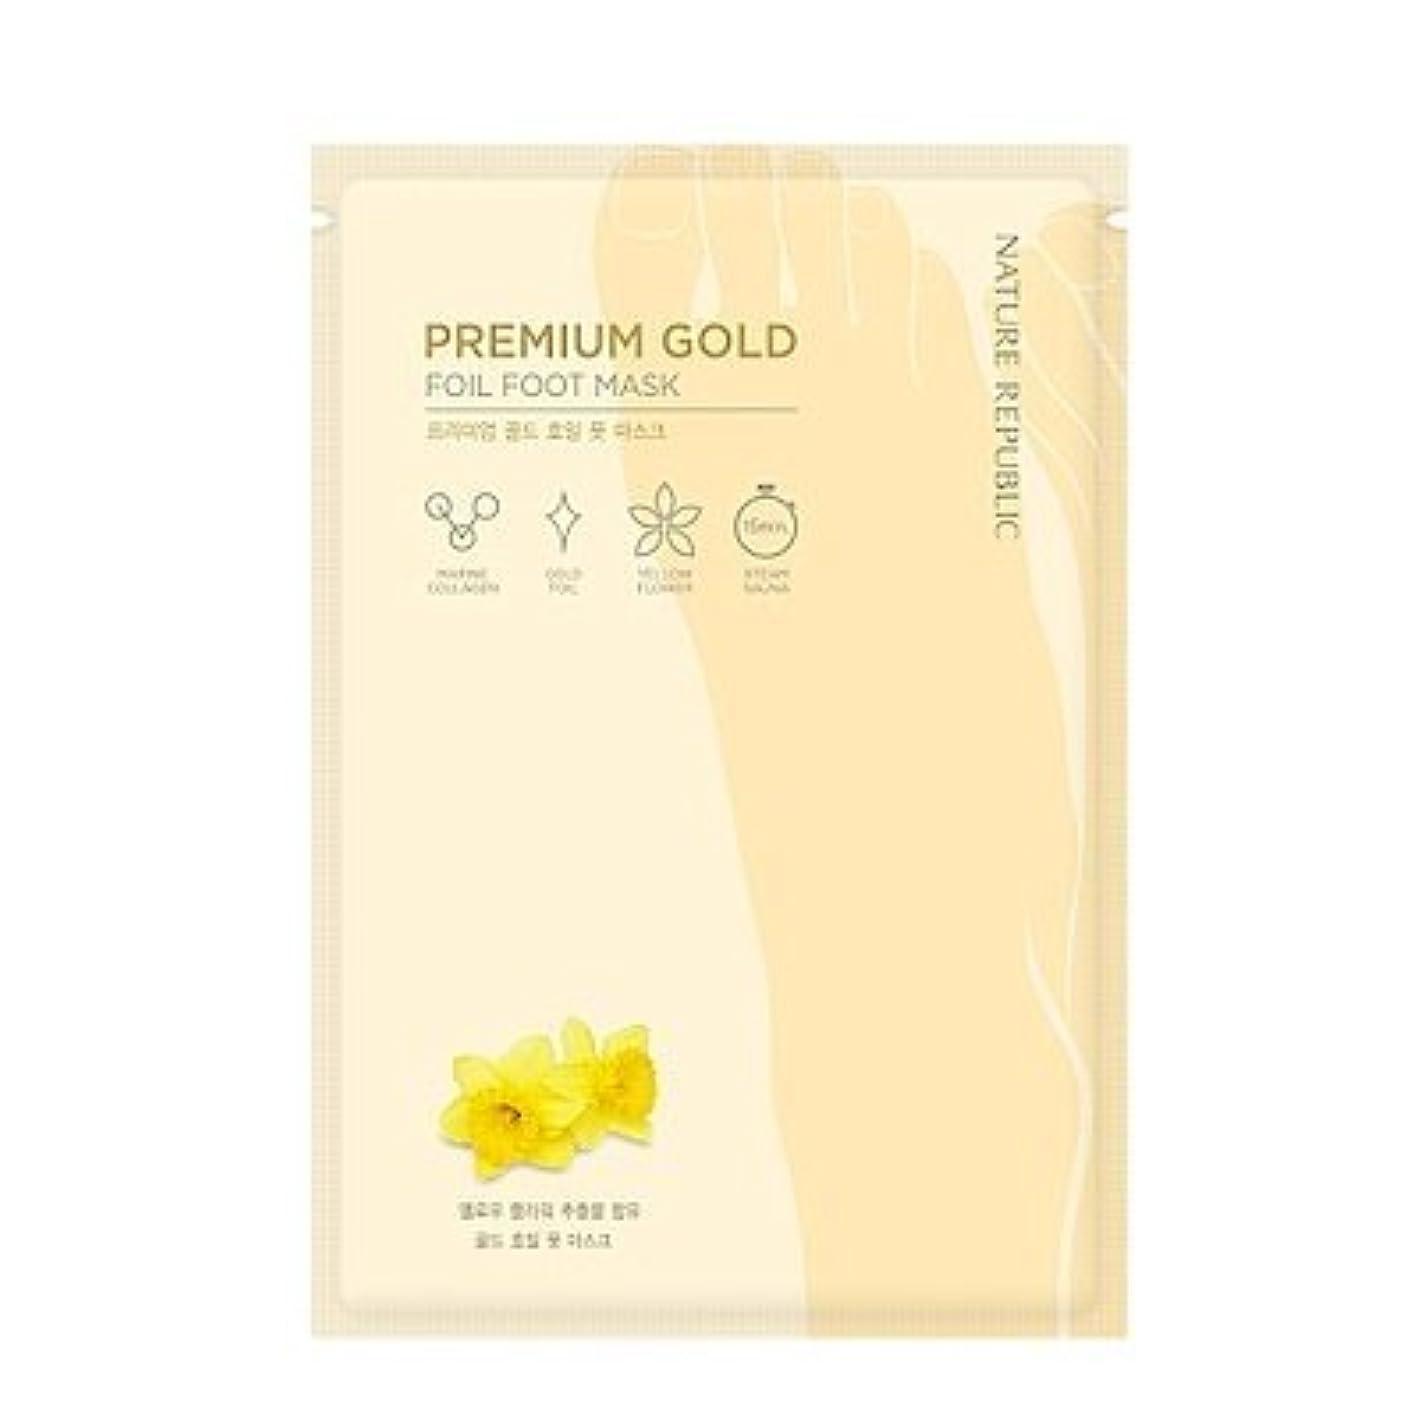 閉じる国民投票集団的NATURE REPUBLIC Premium Gold Foil Foot Mask(3EA) / ネイチャーリパブリックプレミアムゴールドホイルフットマスク(3枚) [並行輸入品]